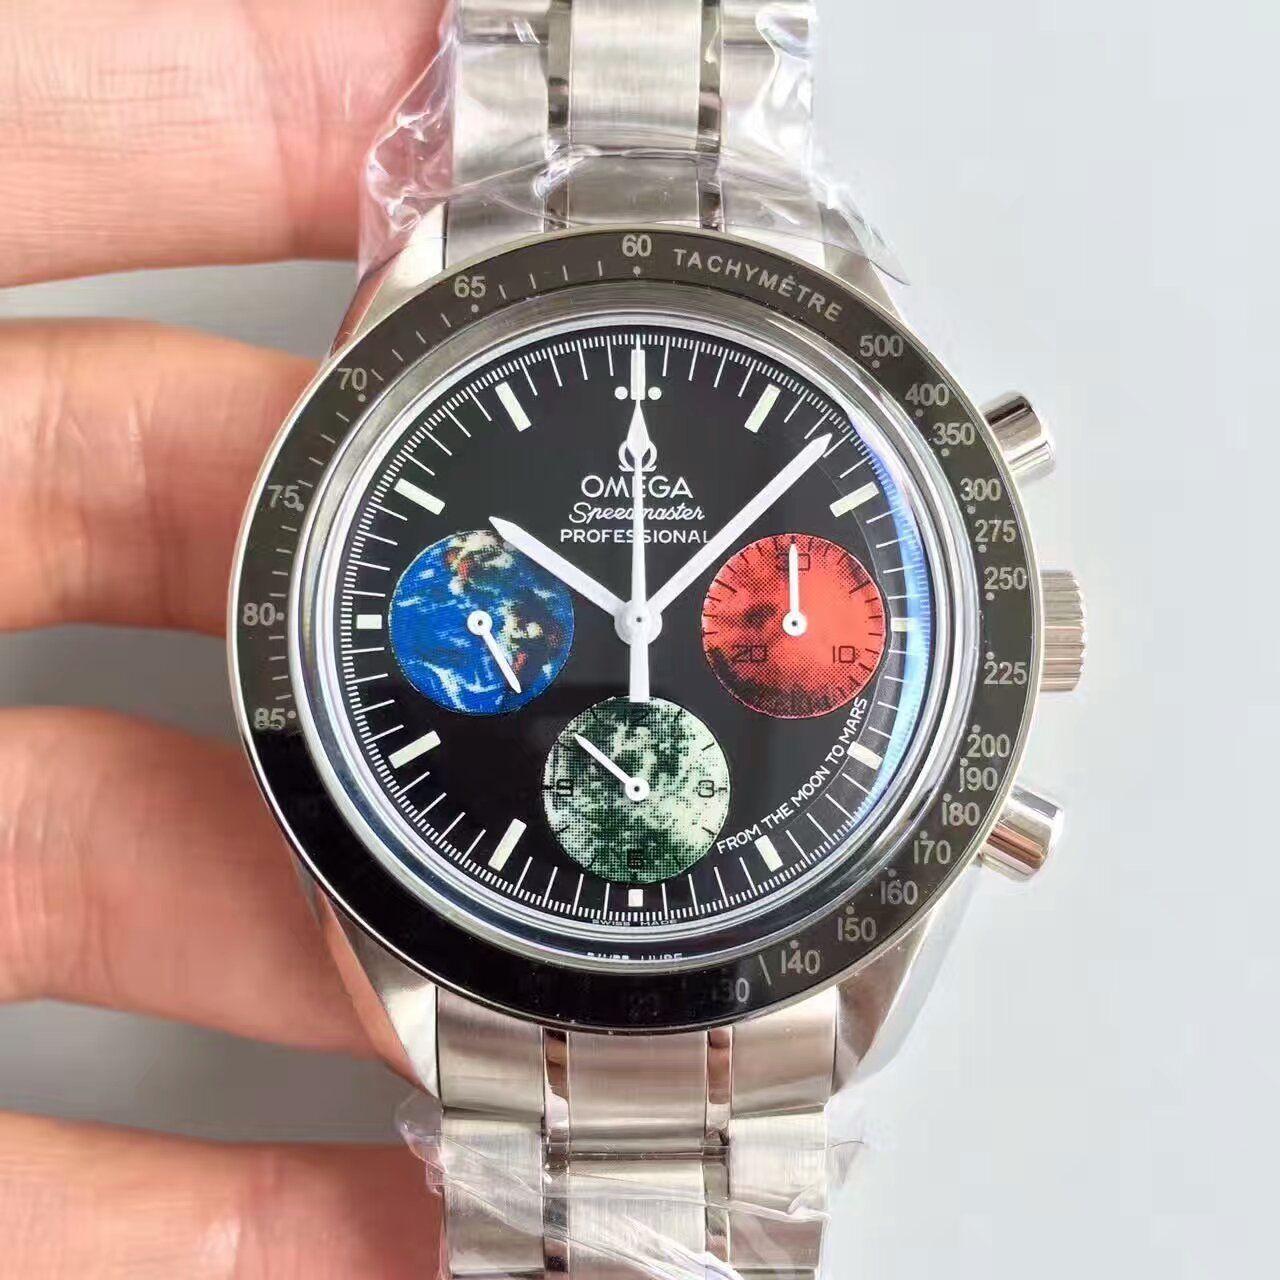 【JH厂一比一超A高仿手表】欧米茄超霸系列3577.50.00腕表